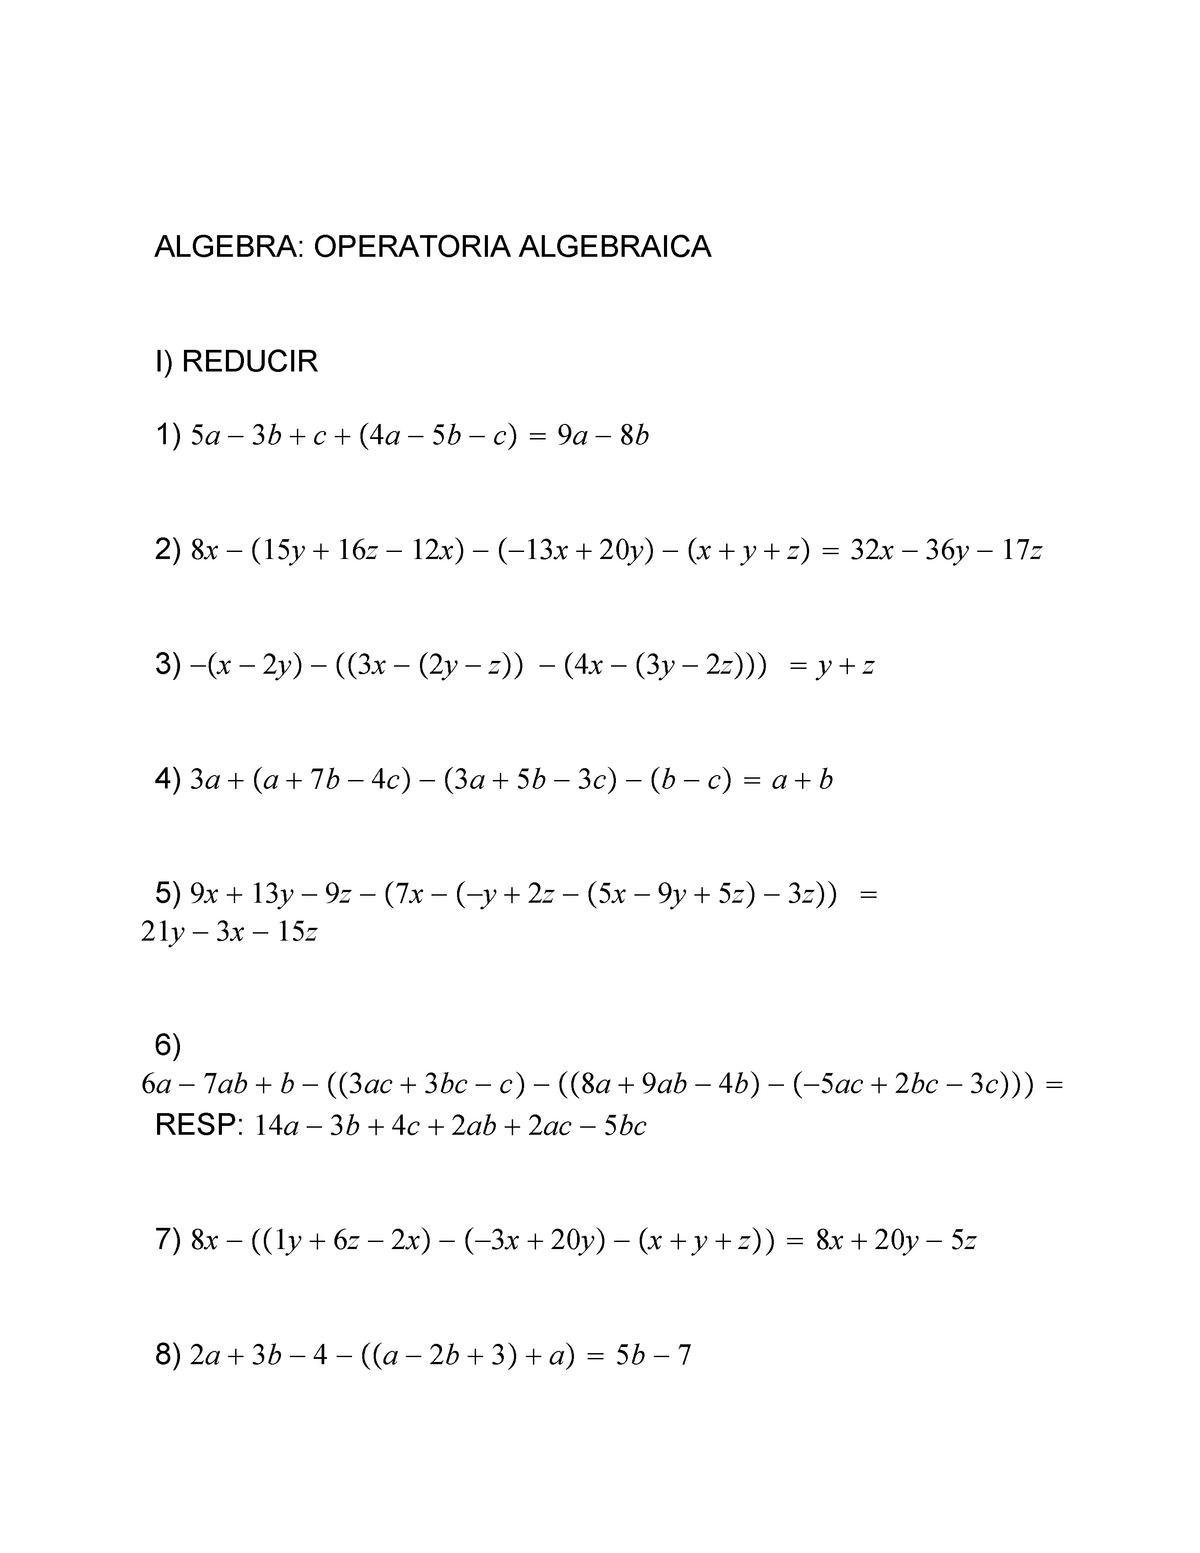 Guia Operatoria Algebraica Matemática Aplicada Studocu